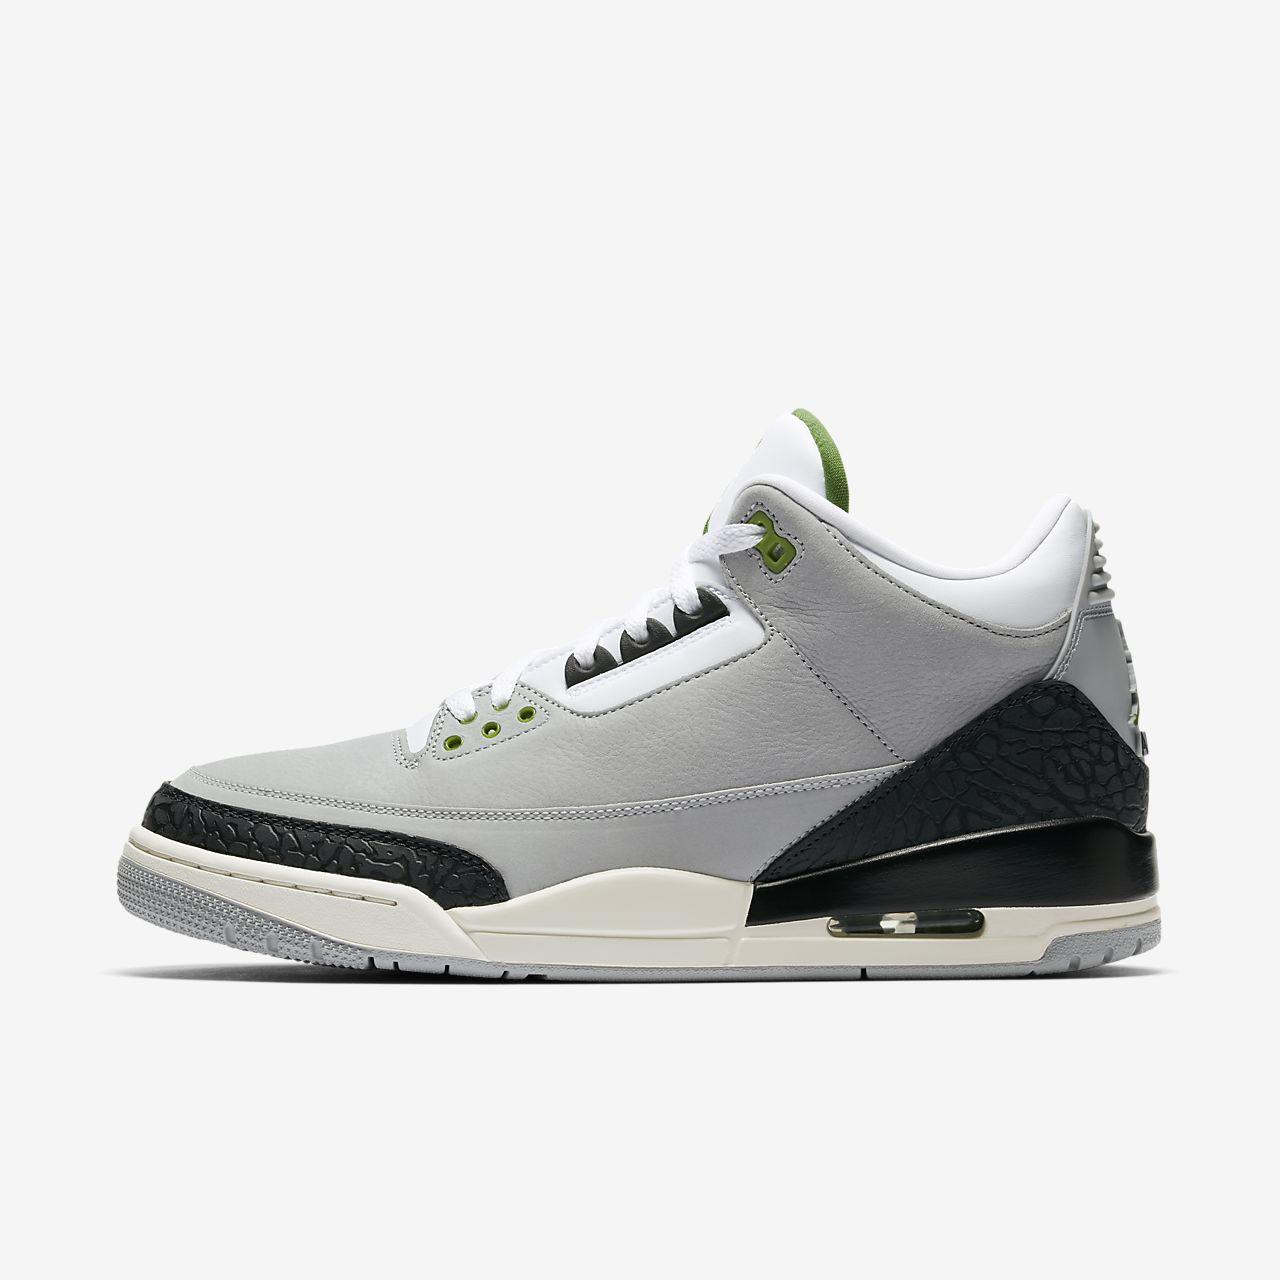 low priced 282db 43726 Air Jordan 3 Retro Zapatillas - Hombre